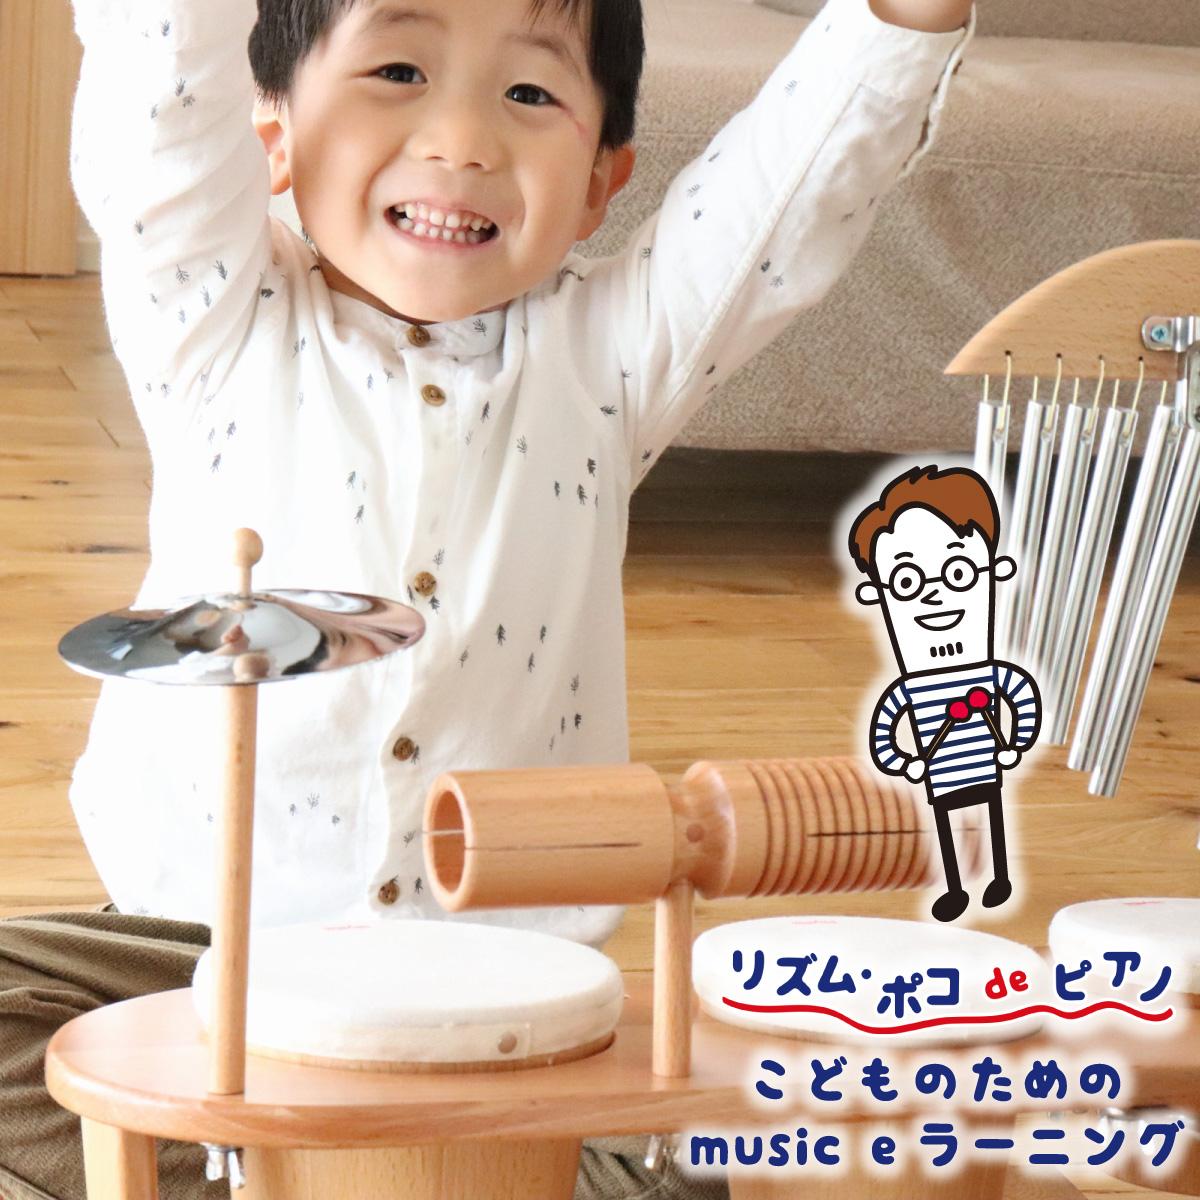 リズムポコ オリジナルドラムセット RP-1500 Rhythm poco